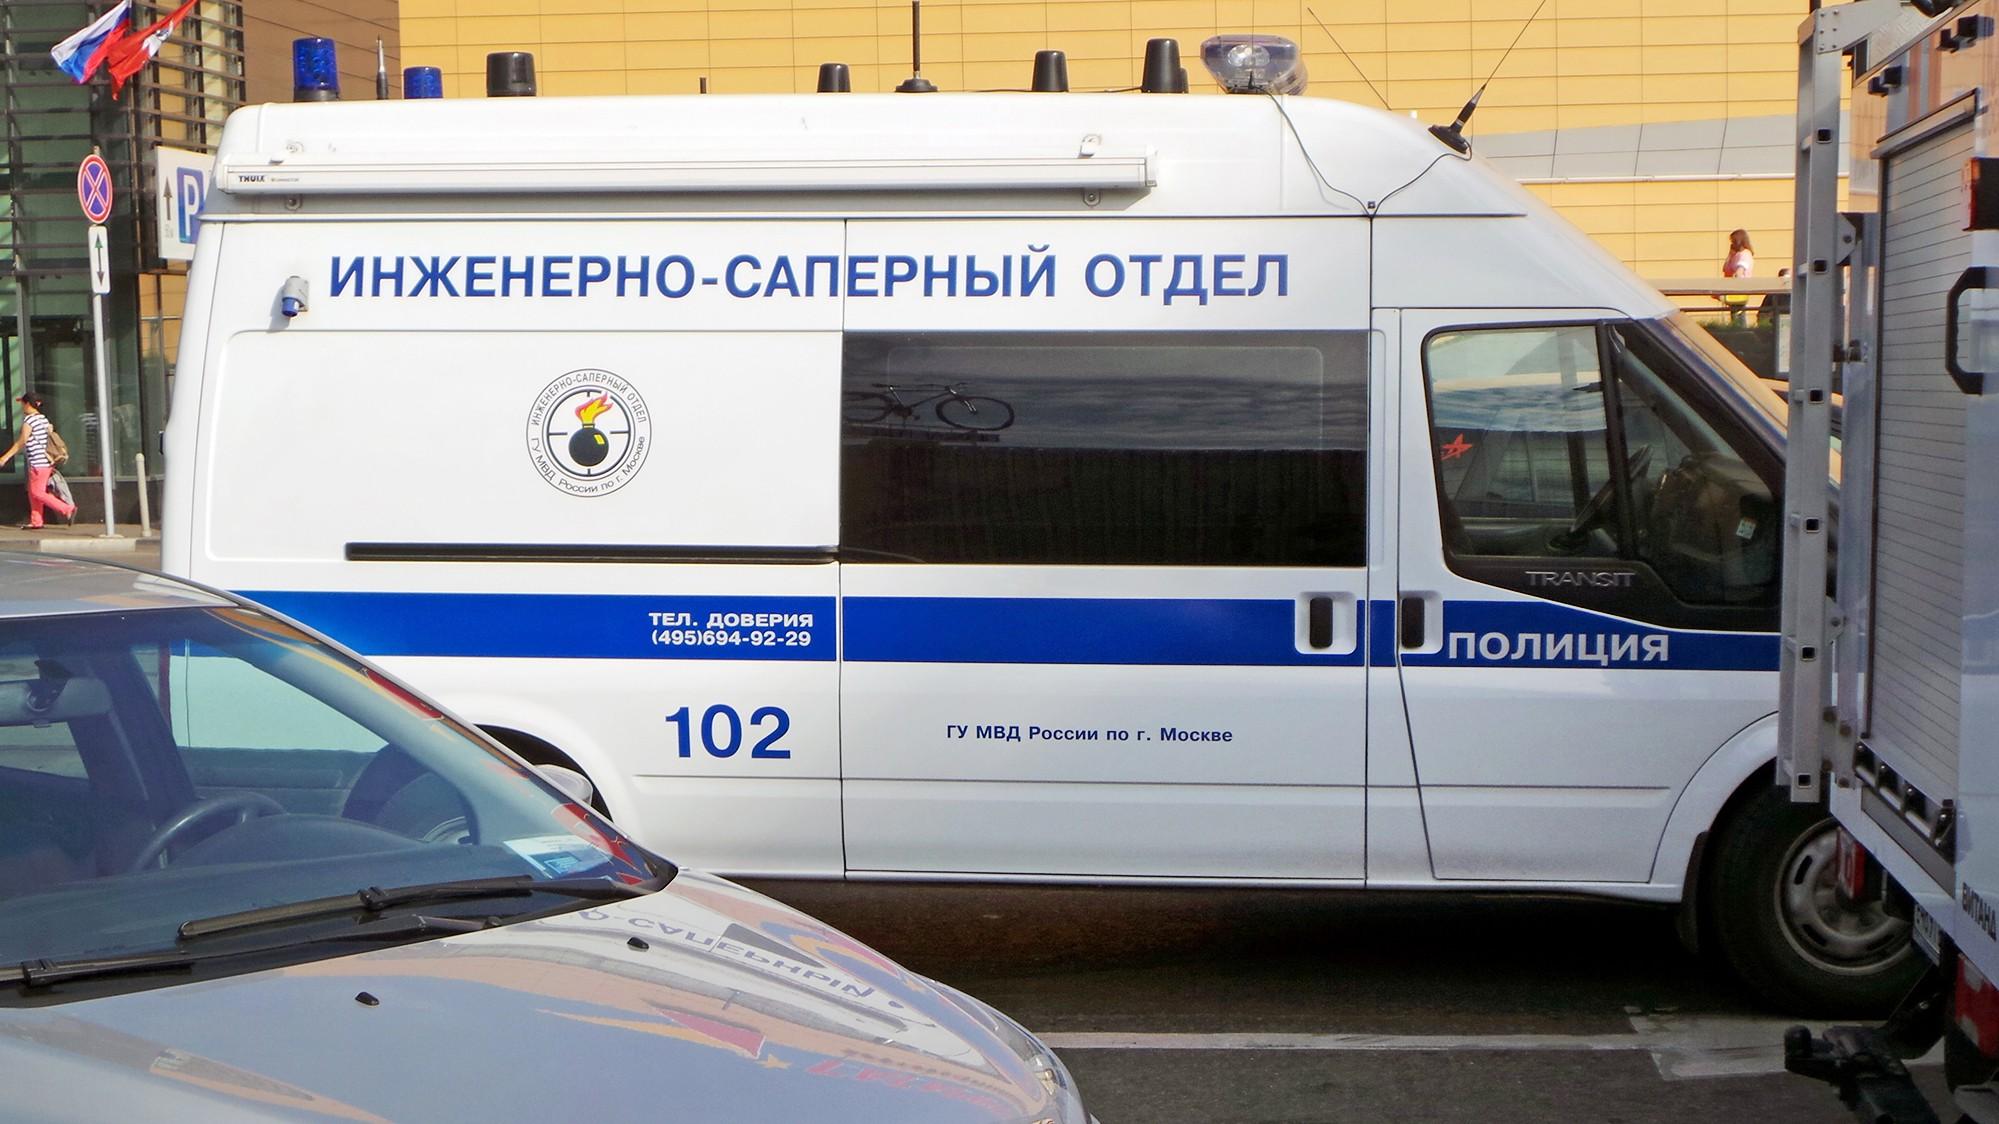 Инжинерно-саперный отдел полиции